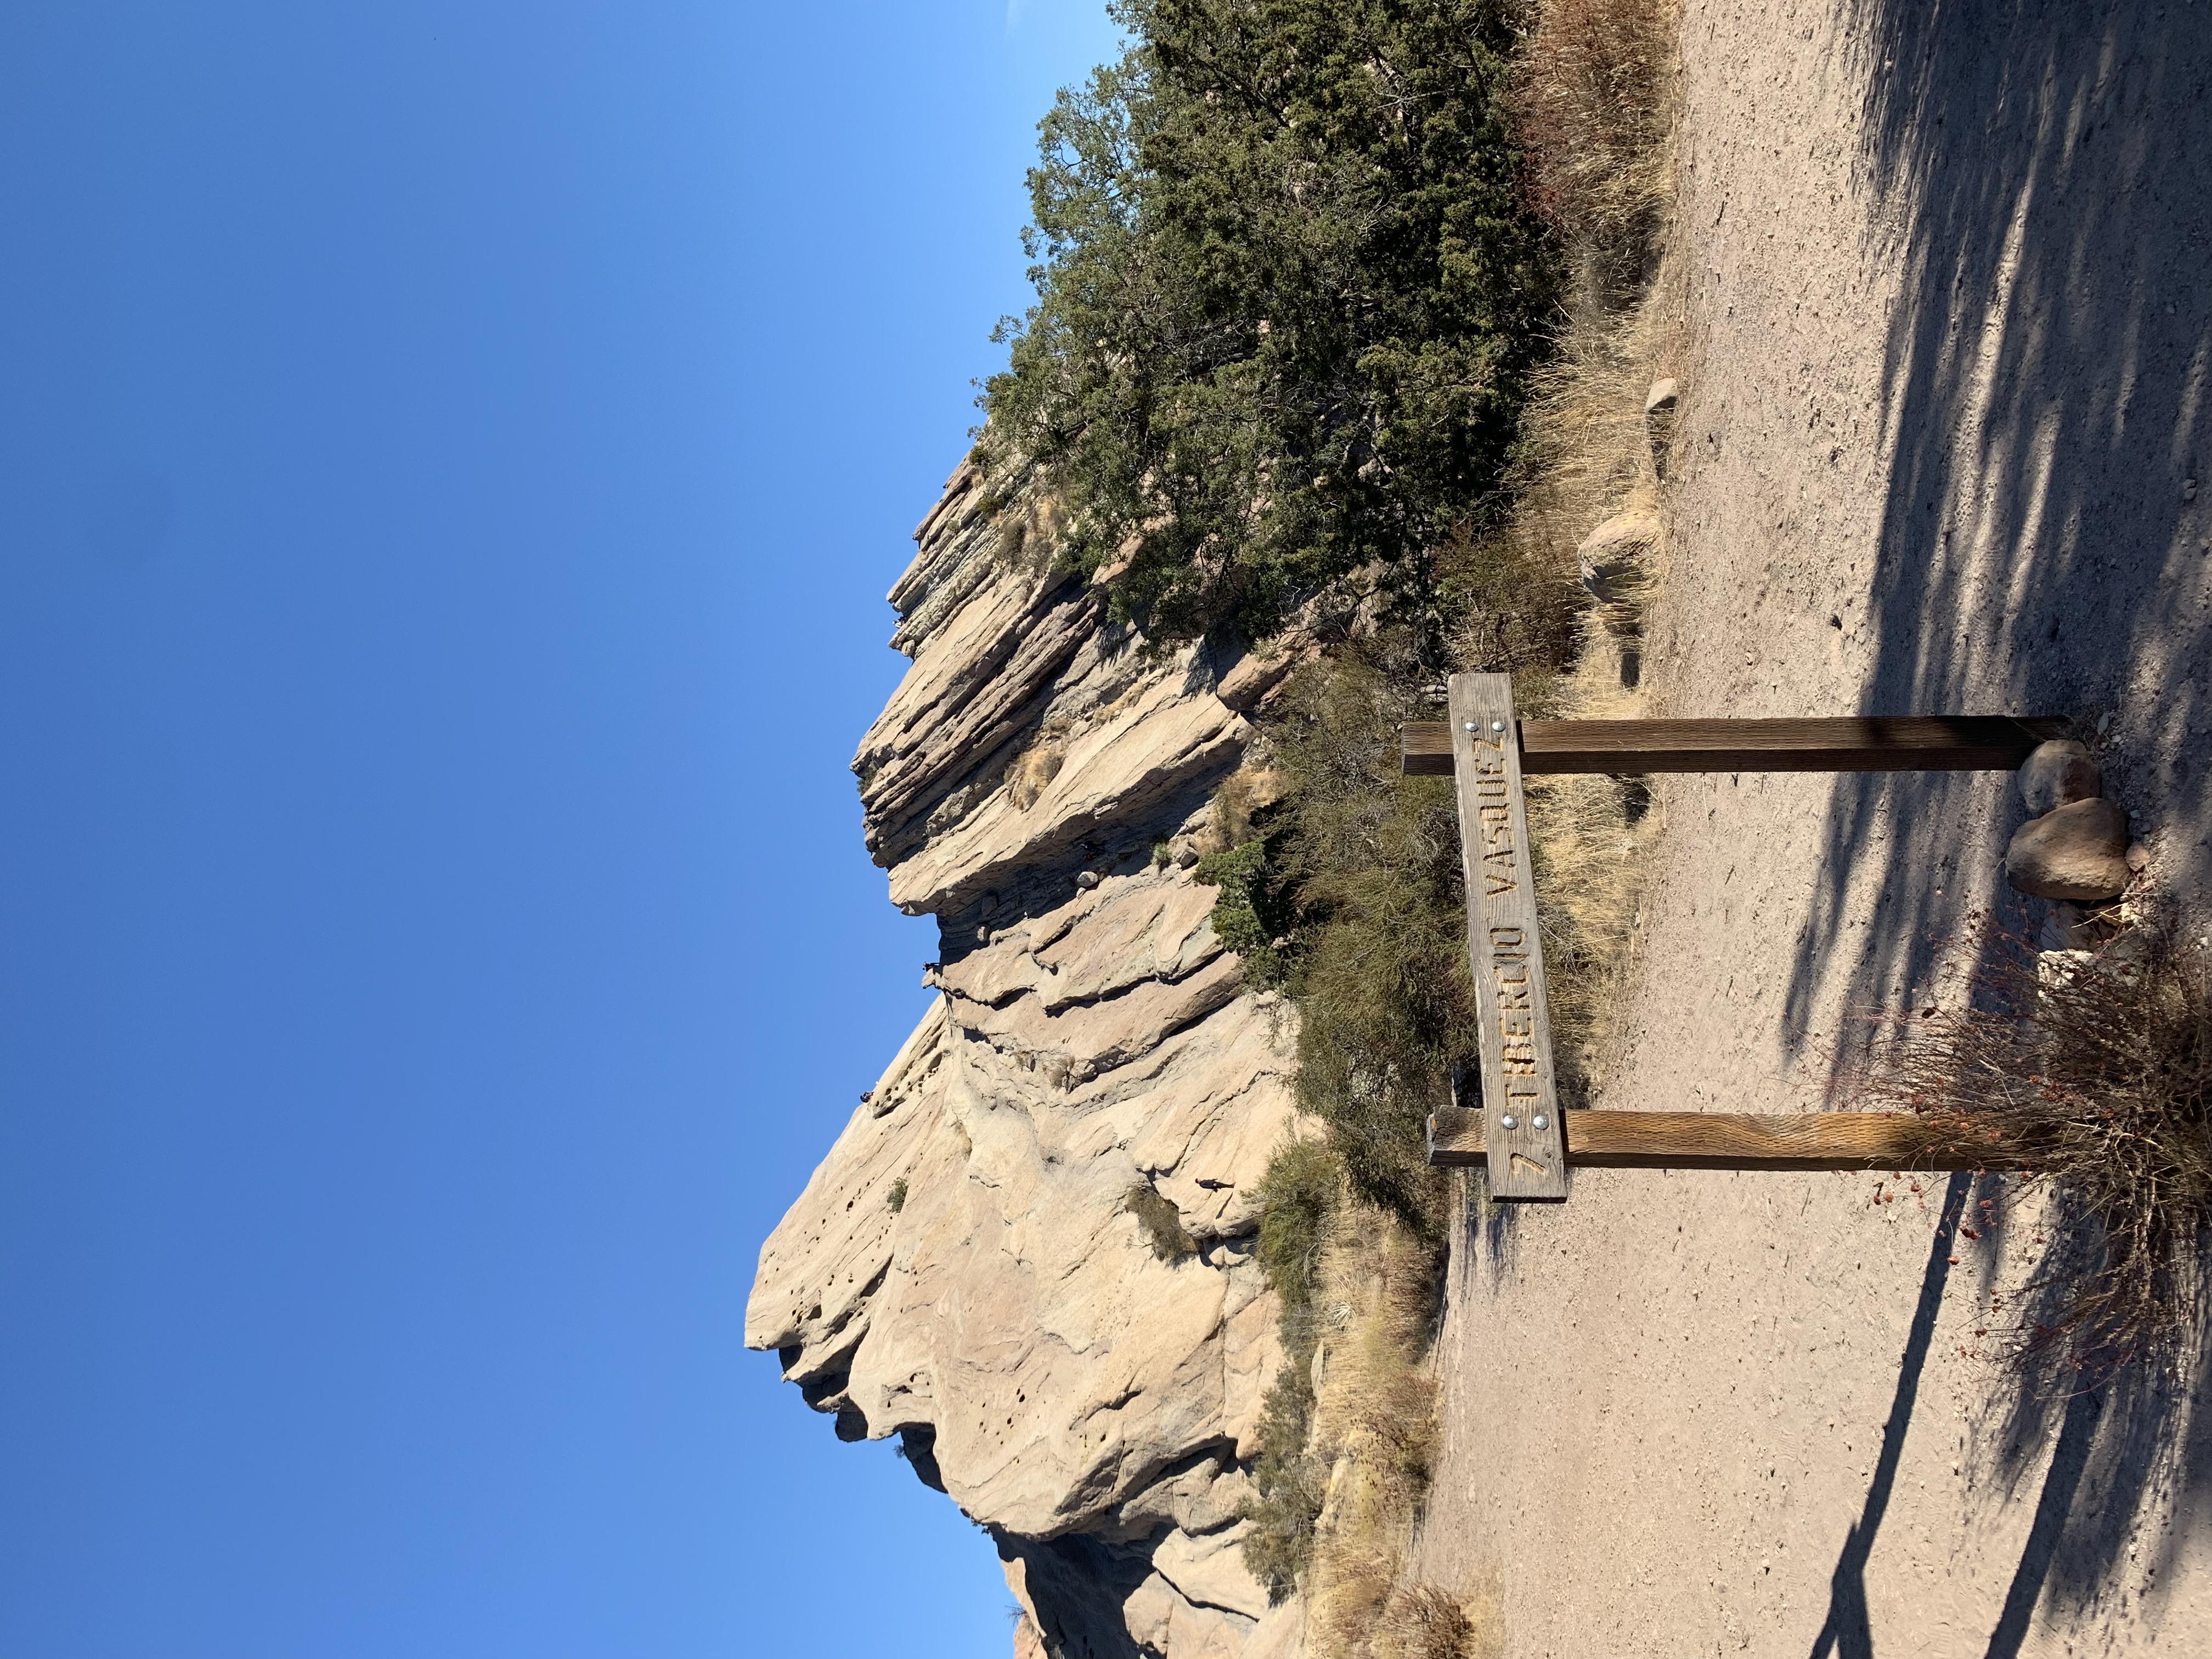 Vasquez Rocks in Agua Dulce, CA